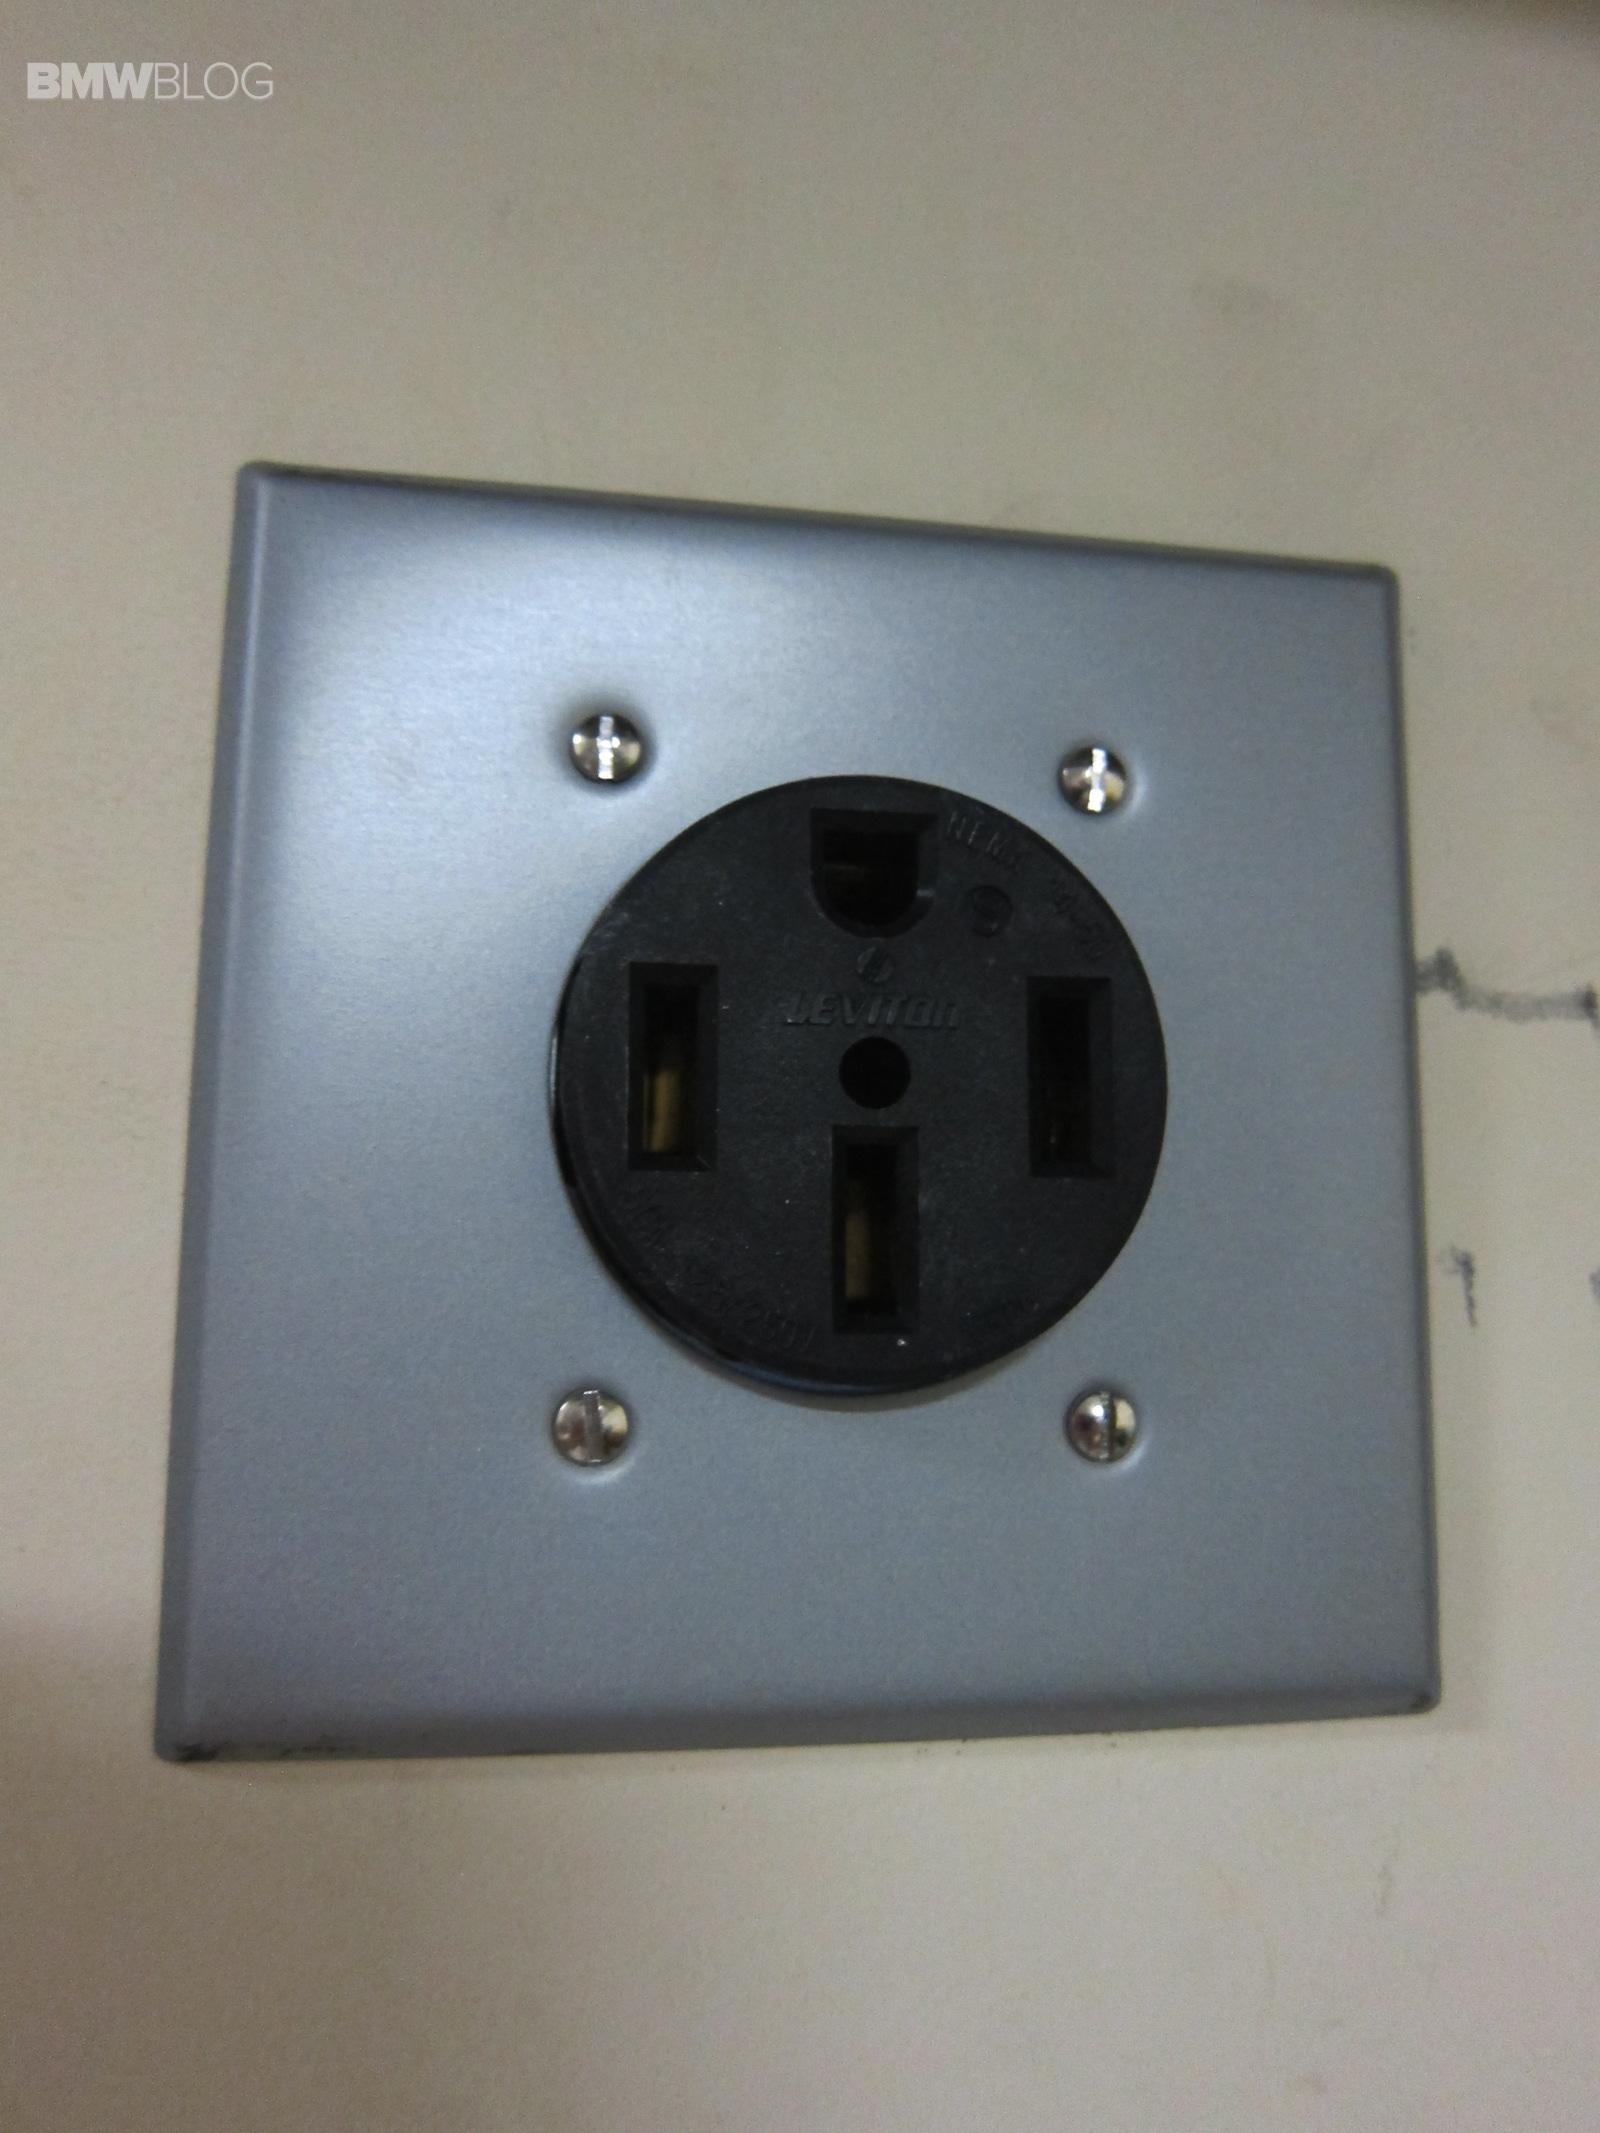 220 volt wiring diagram outlet memphis car audio electric dryer